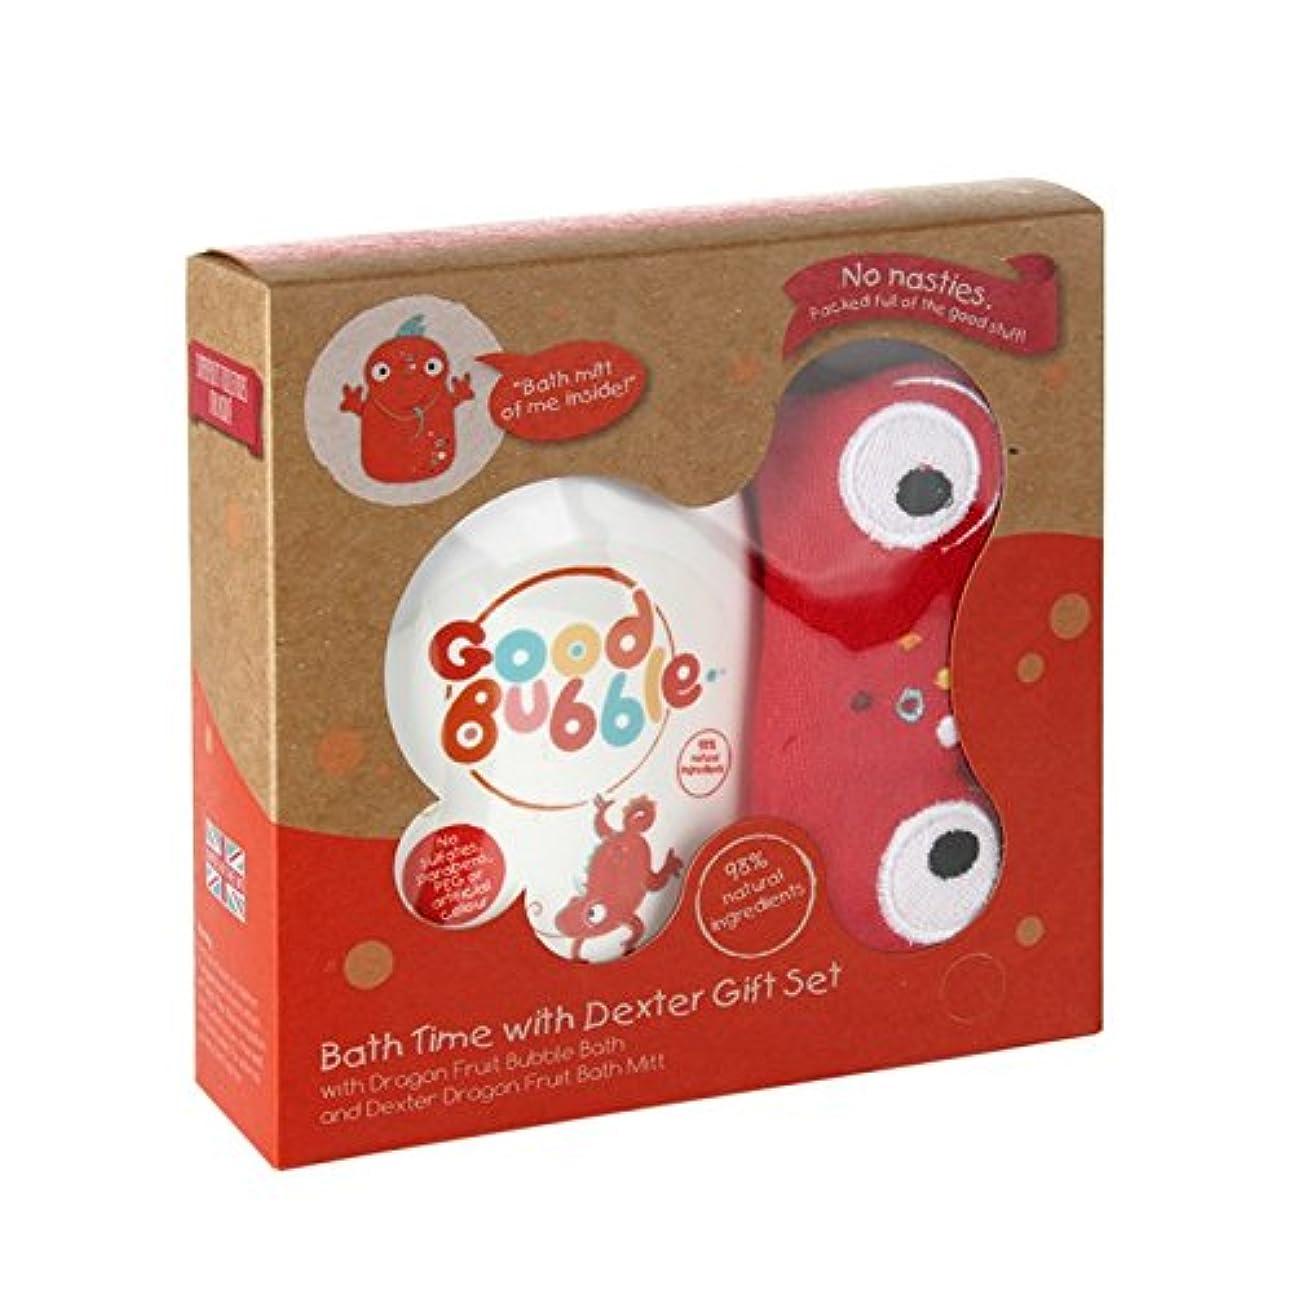 タオル研磨剤飢えたGood Bubble Dexter Dragonfruit Gift Set 550g (Pack of 6) - 良いバブルデクスターDragonfruitギフトセット550グラム (x6) [並行輸入品]